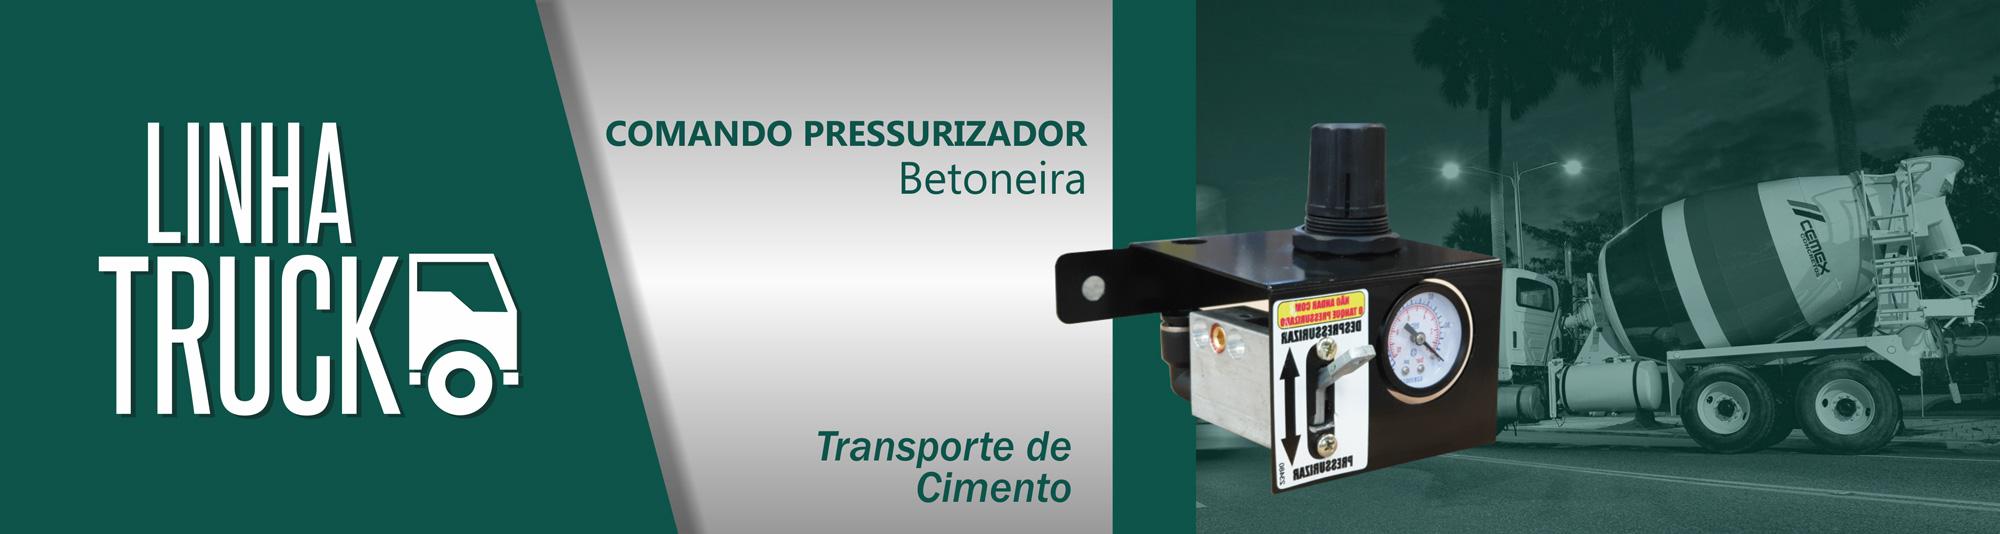 banner-Comando-Pressurizador-Betoneiras